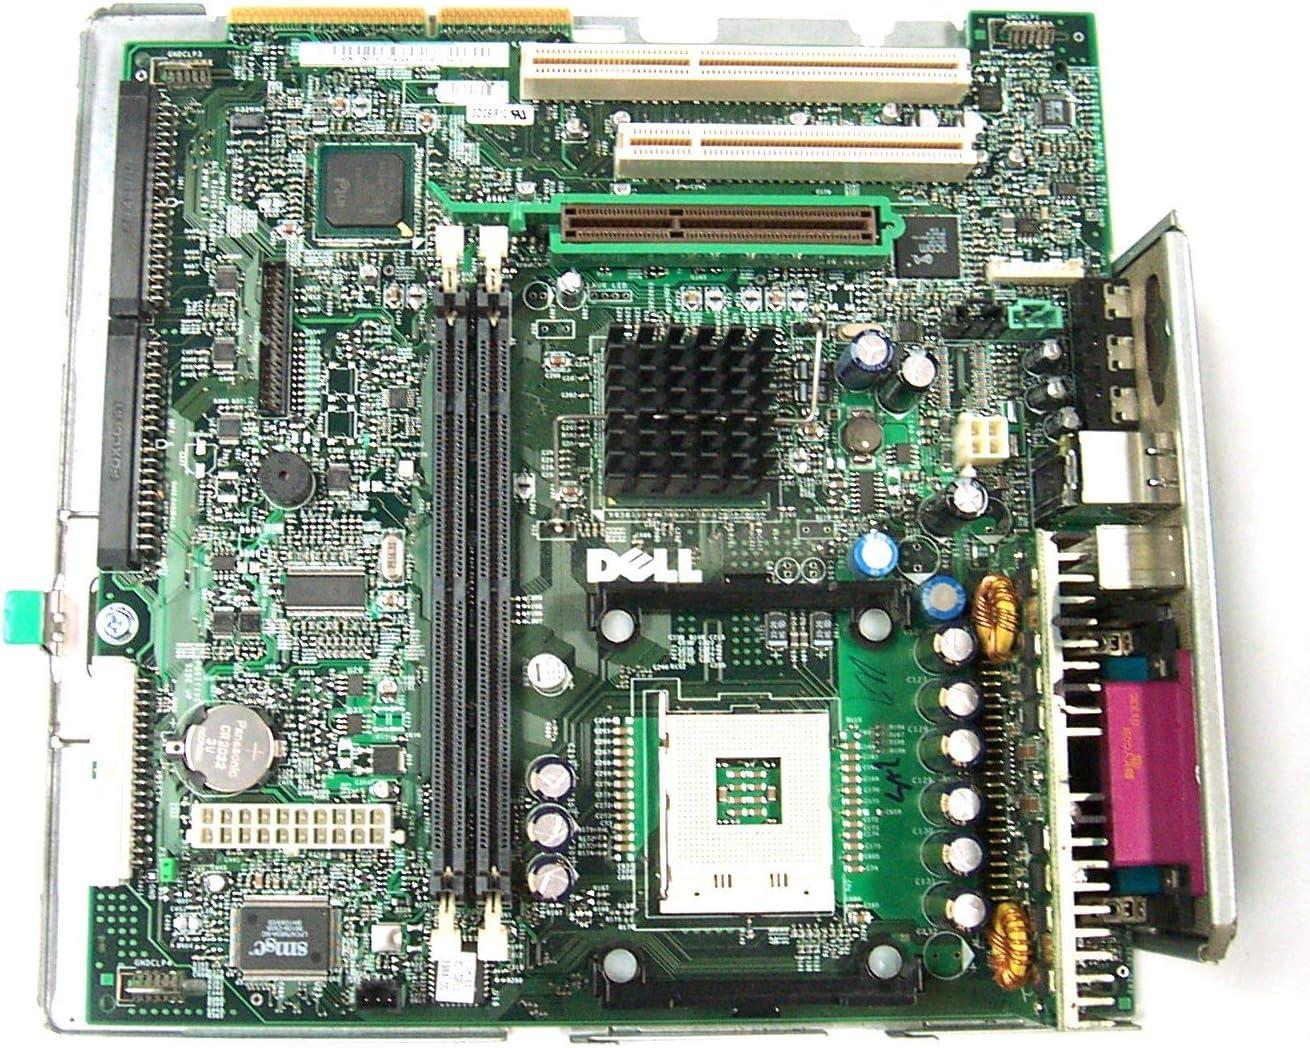 5J706 DELL OPTIPLEX GX240 SCI SYSTEM BOARD (Renewed)